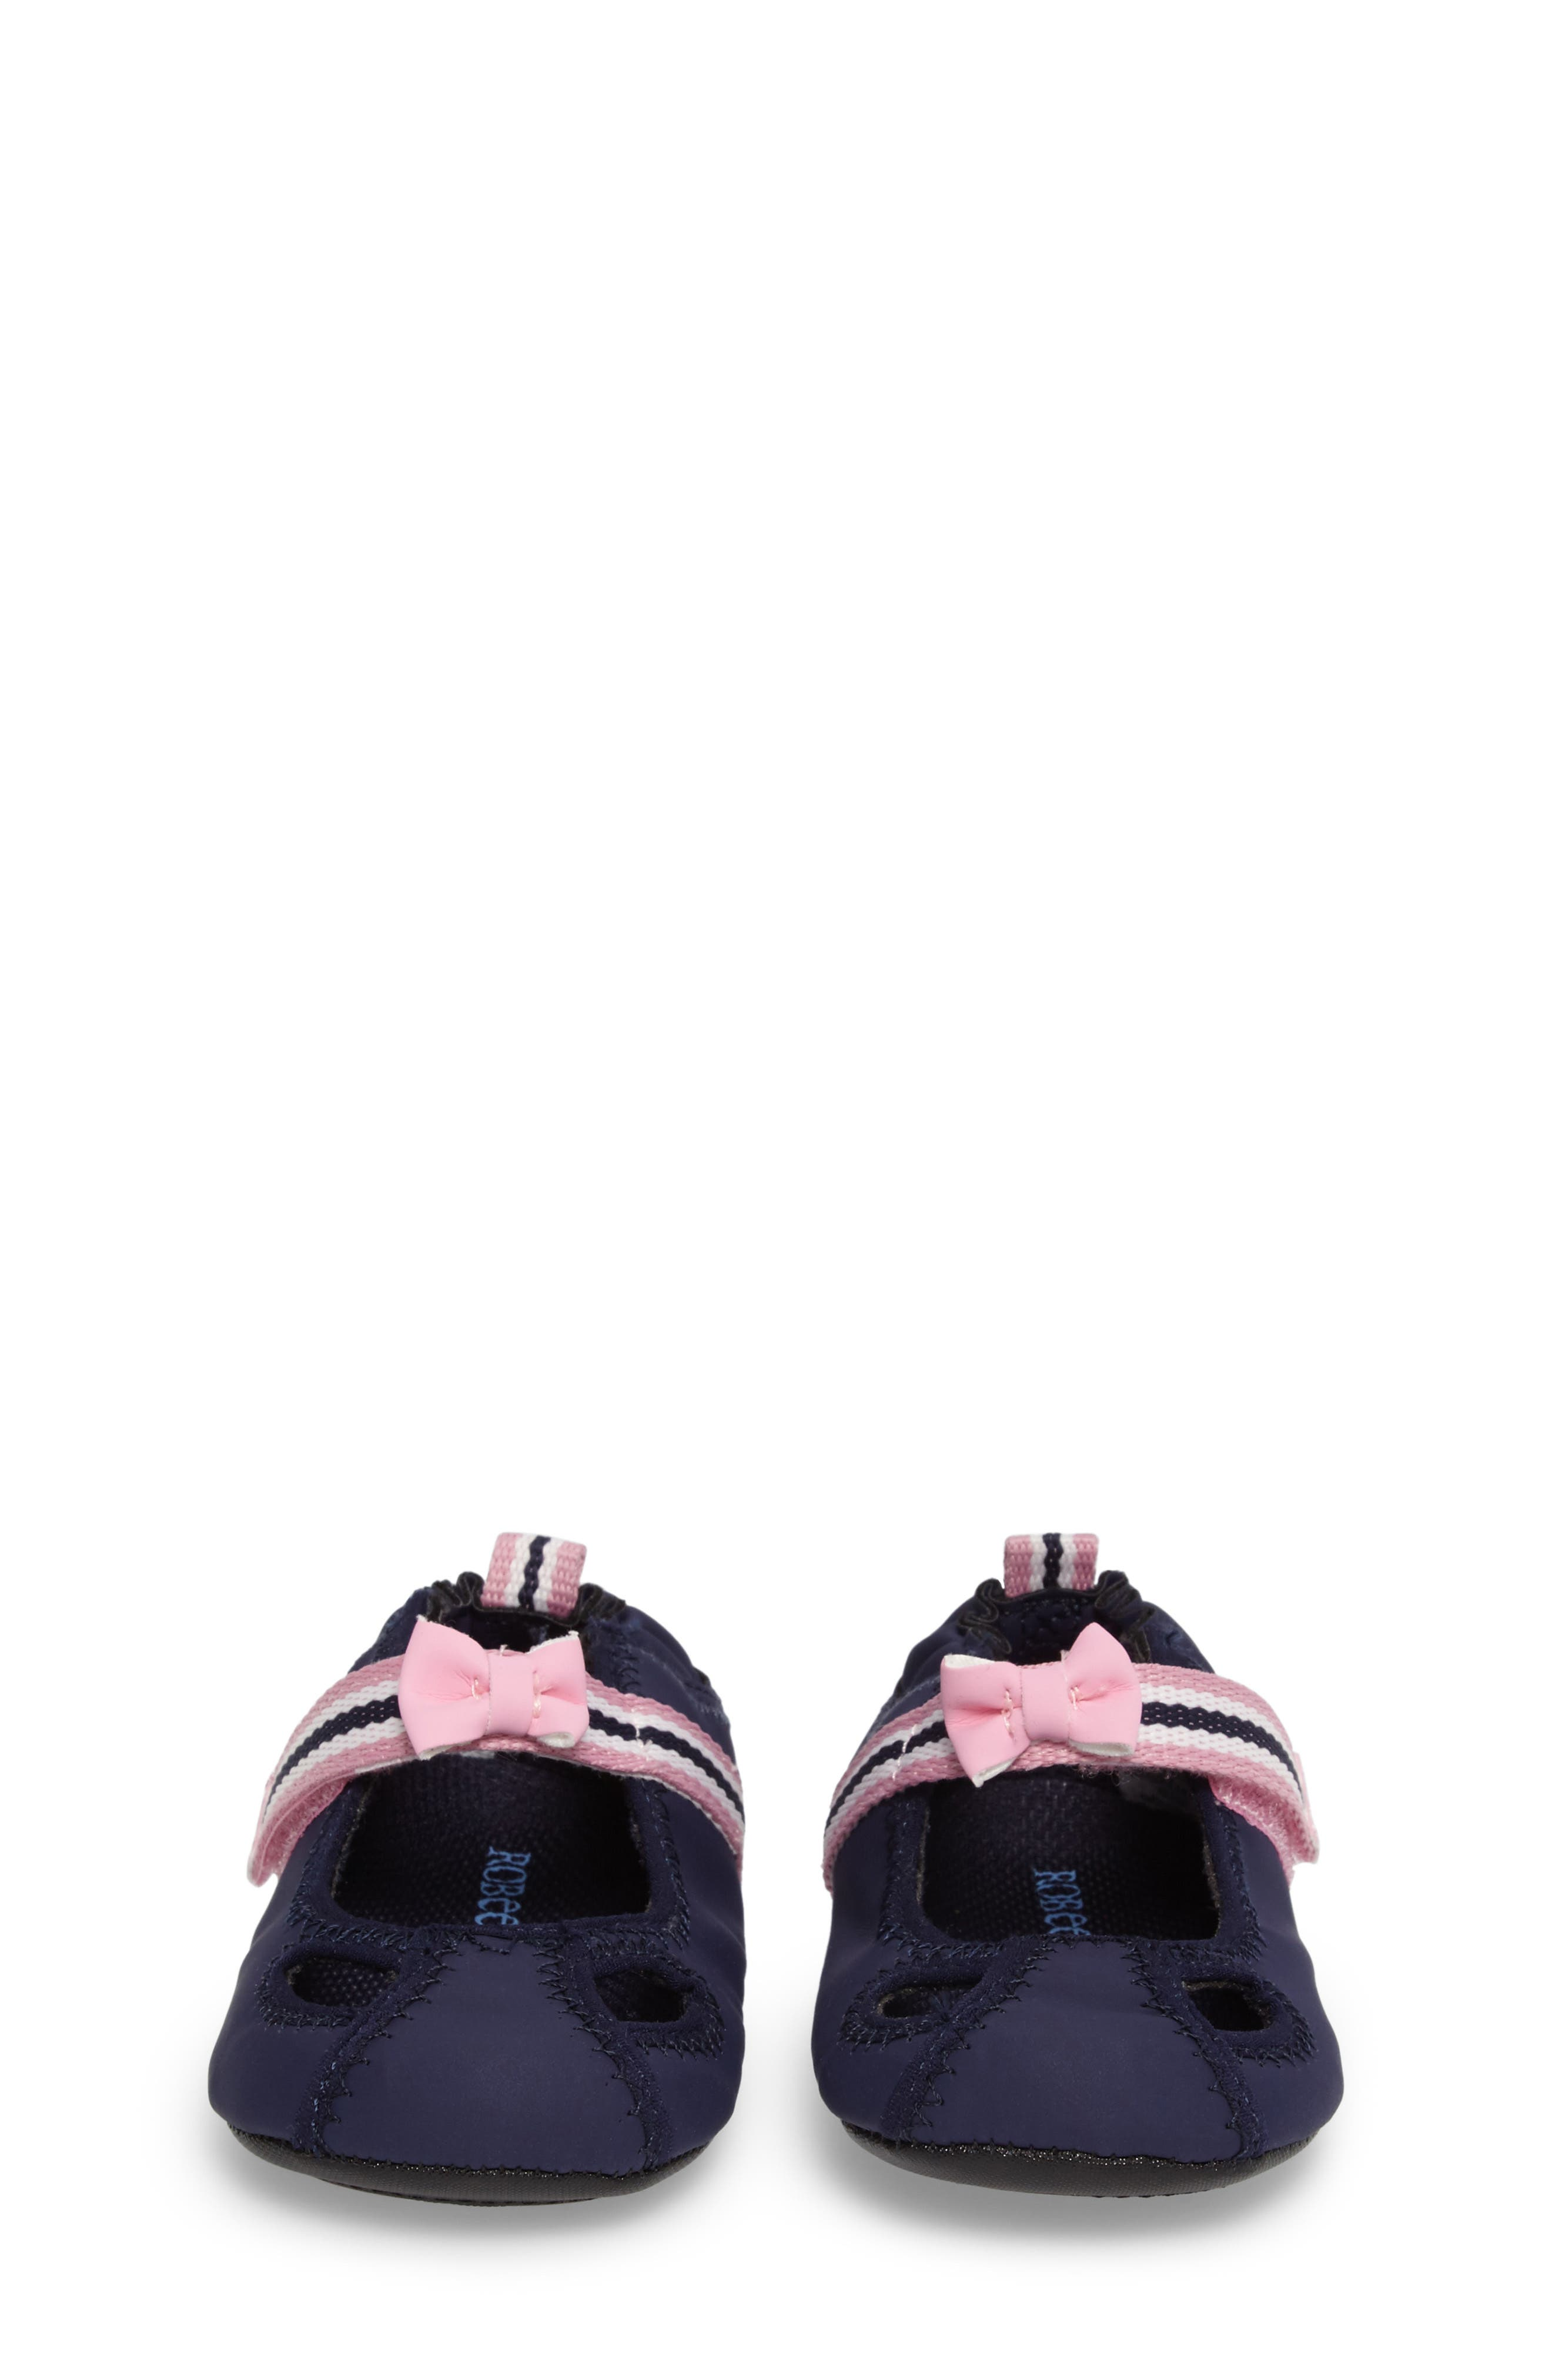 Wave Catcher Crib Shoe,                             Alternate thumbnail 4, color,                             410